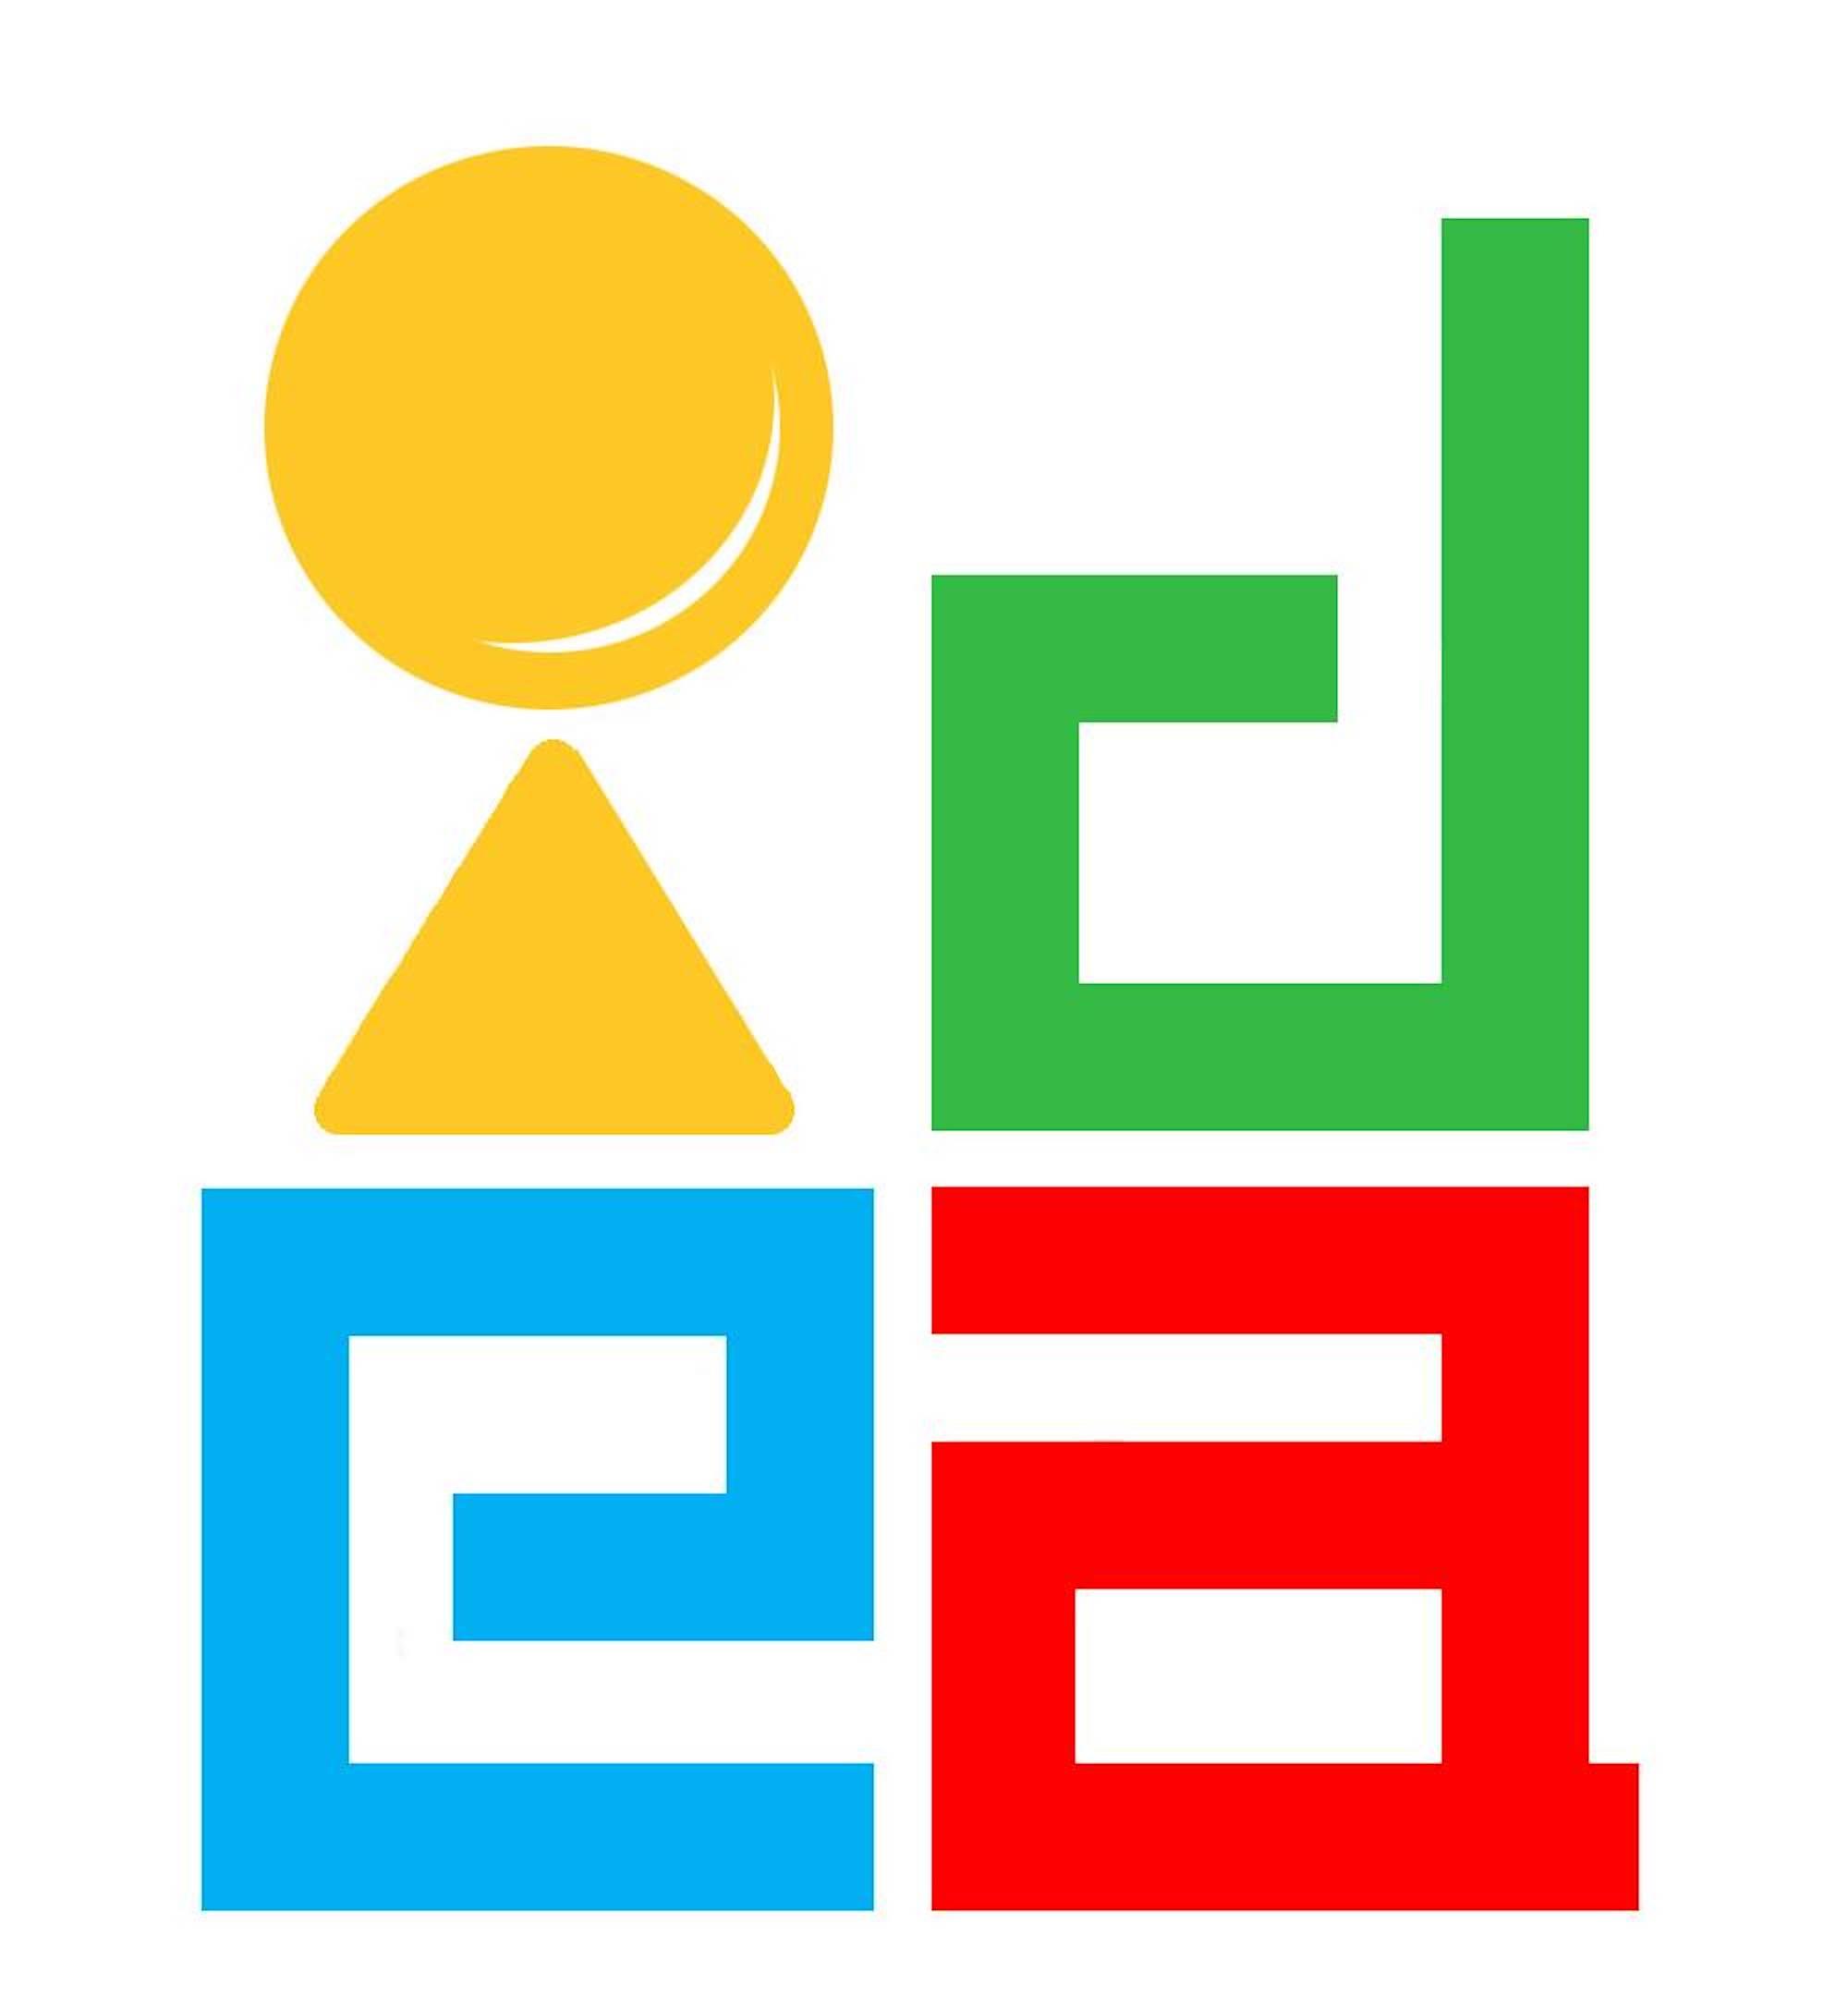 dataset | Kaggle